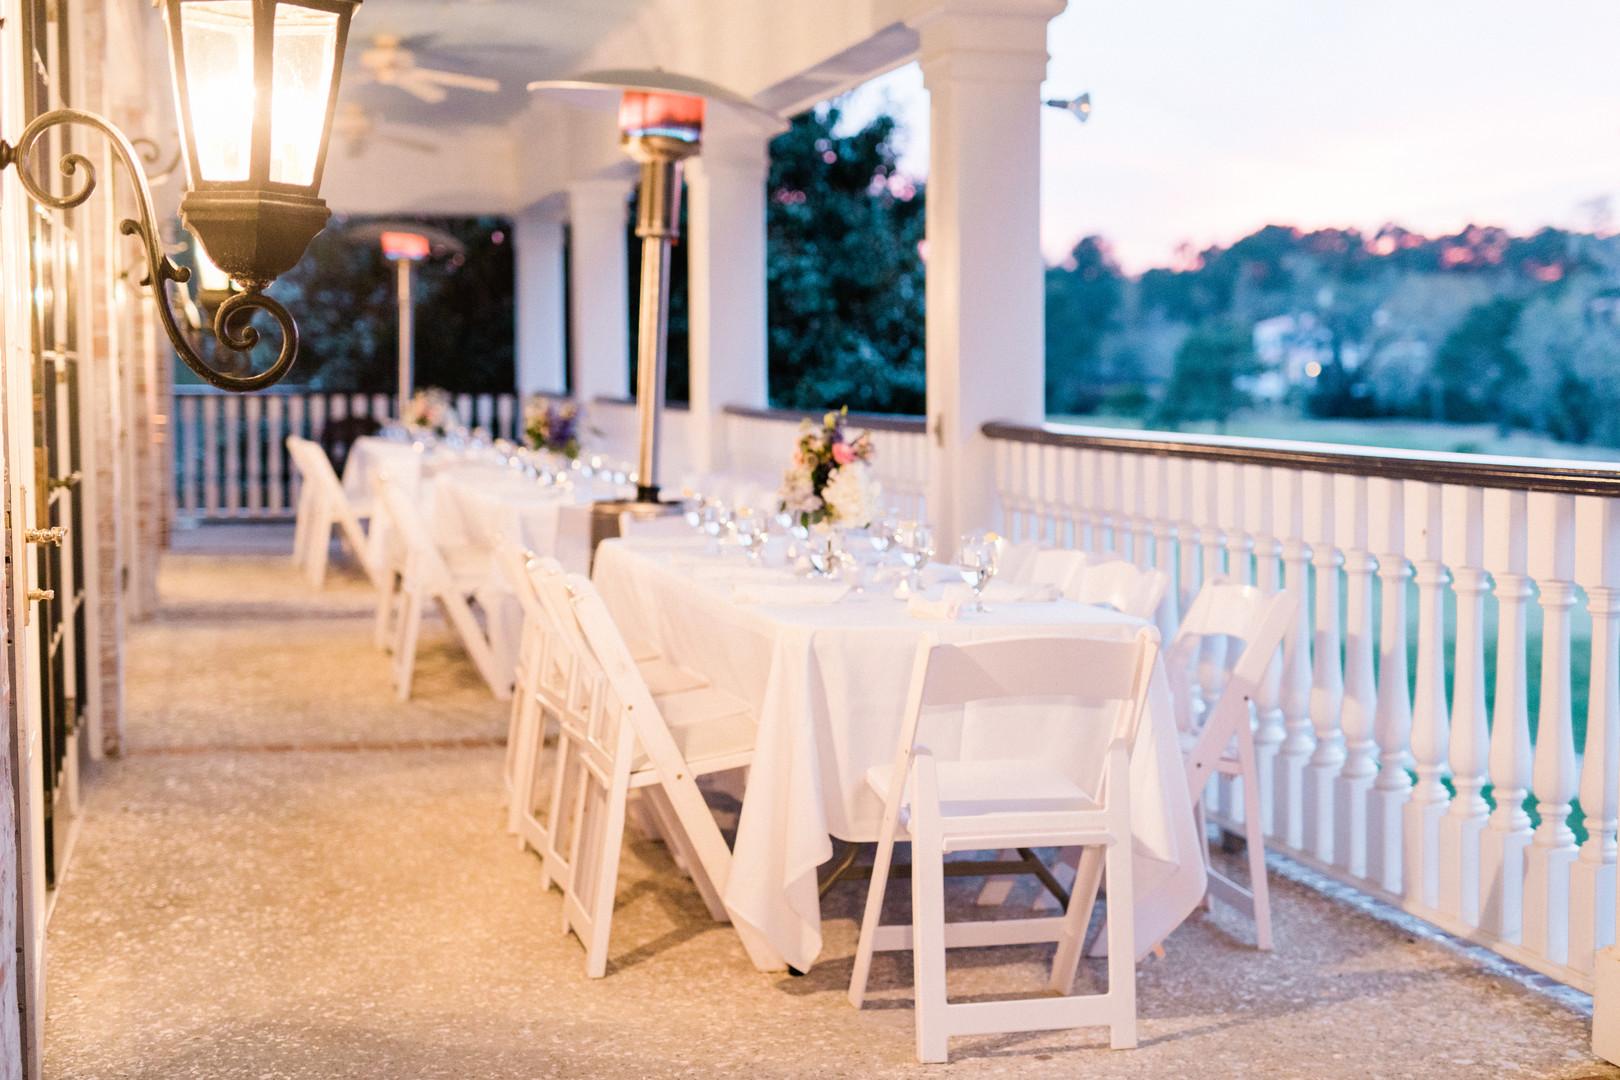 dunes-west-golf-club-wedding-32.jpg